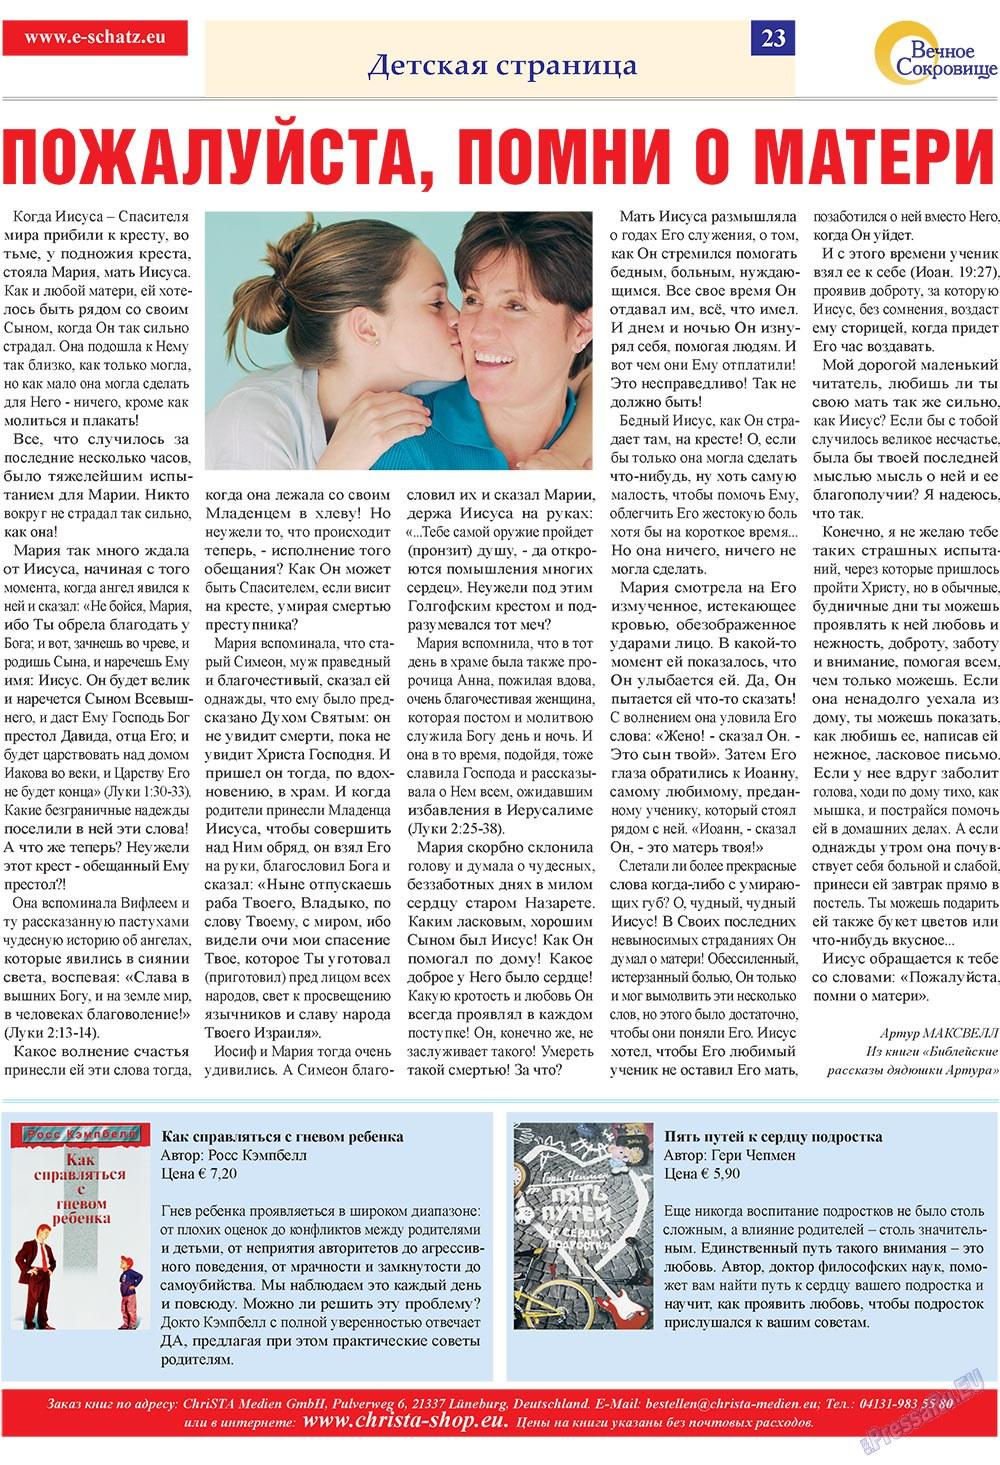 Вечное сокровище (газета). 2010 год, номер 1, стр. 23